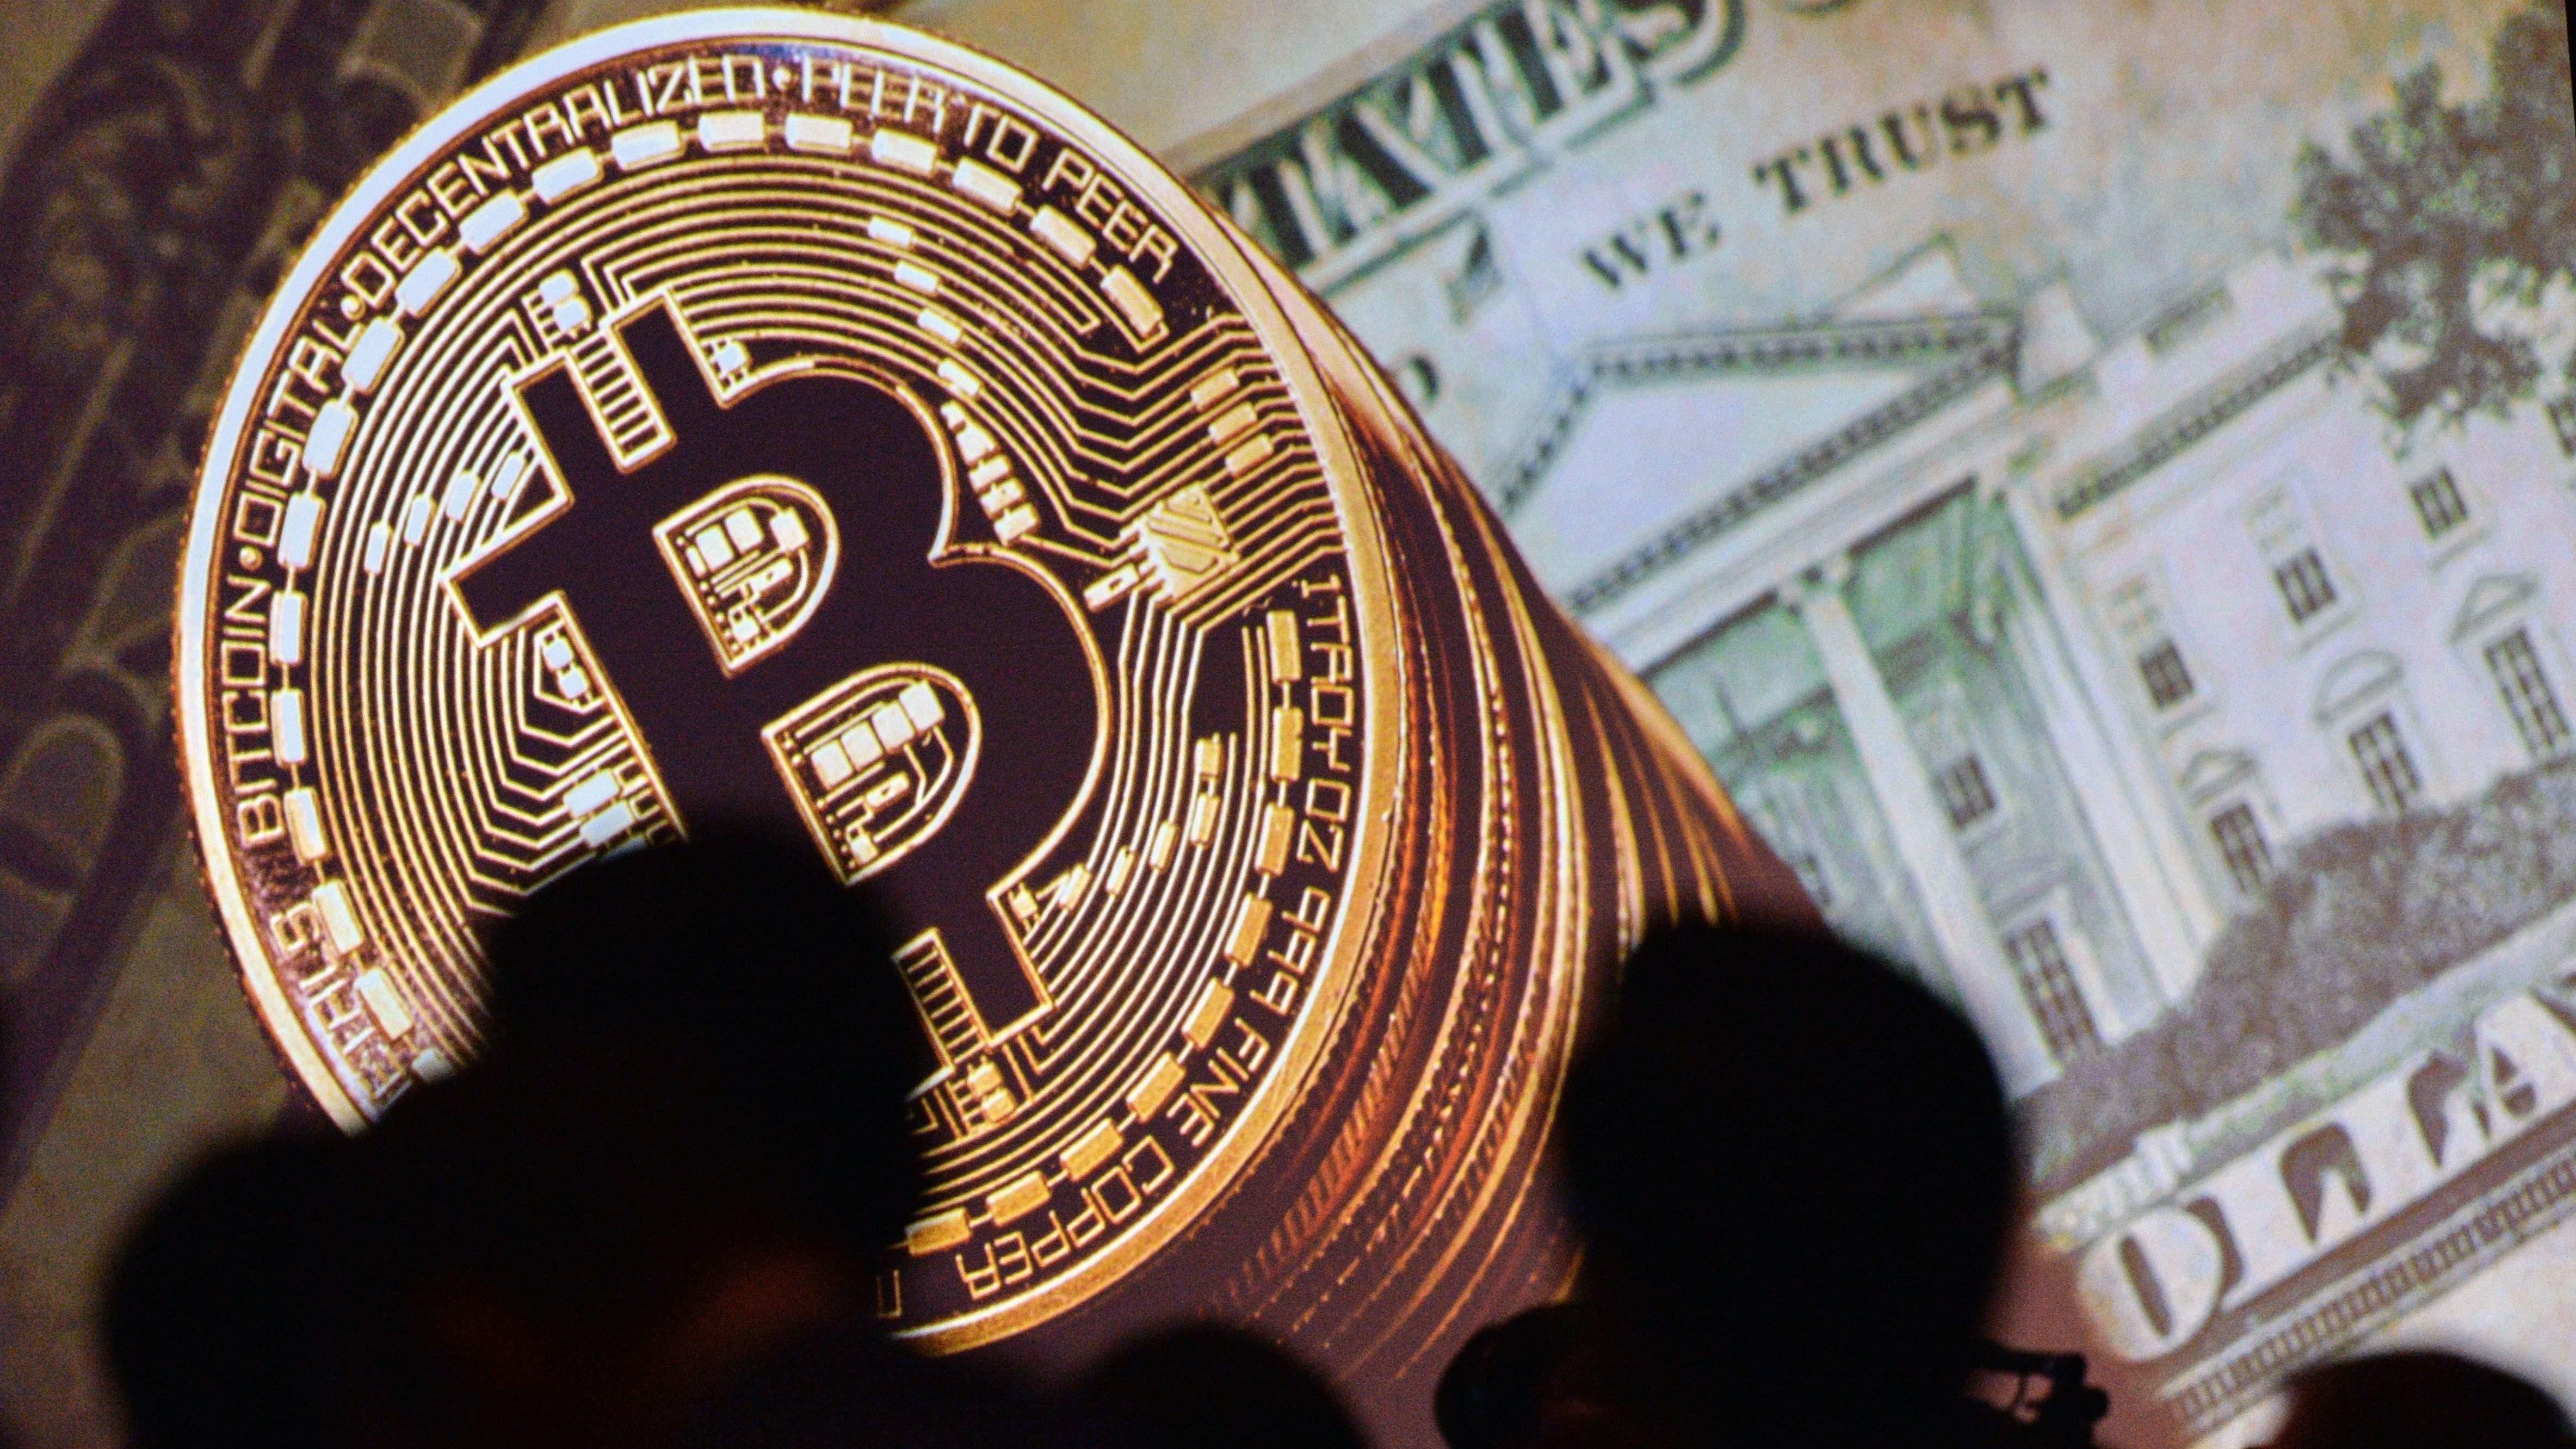 Bitcoin fremheves av mange som fremtidens valuta, men strømforbruket er så ekstremt at det kan være vanskelig å forstå.